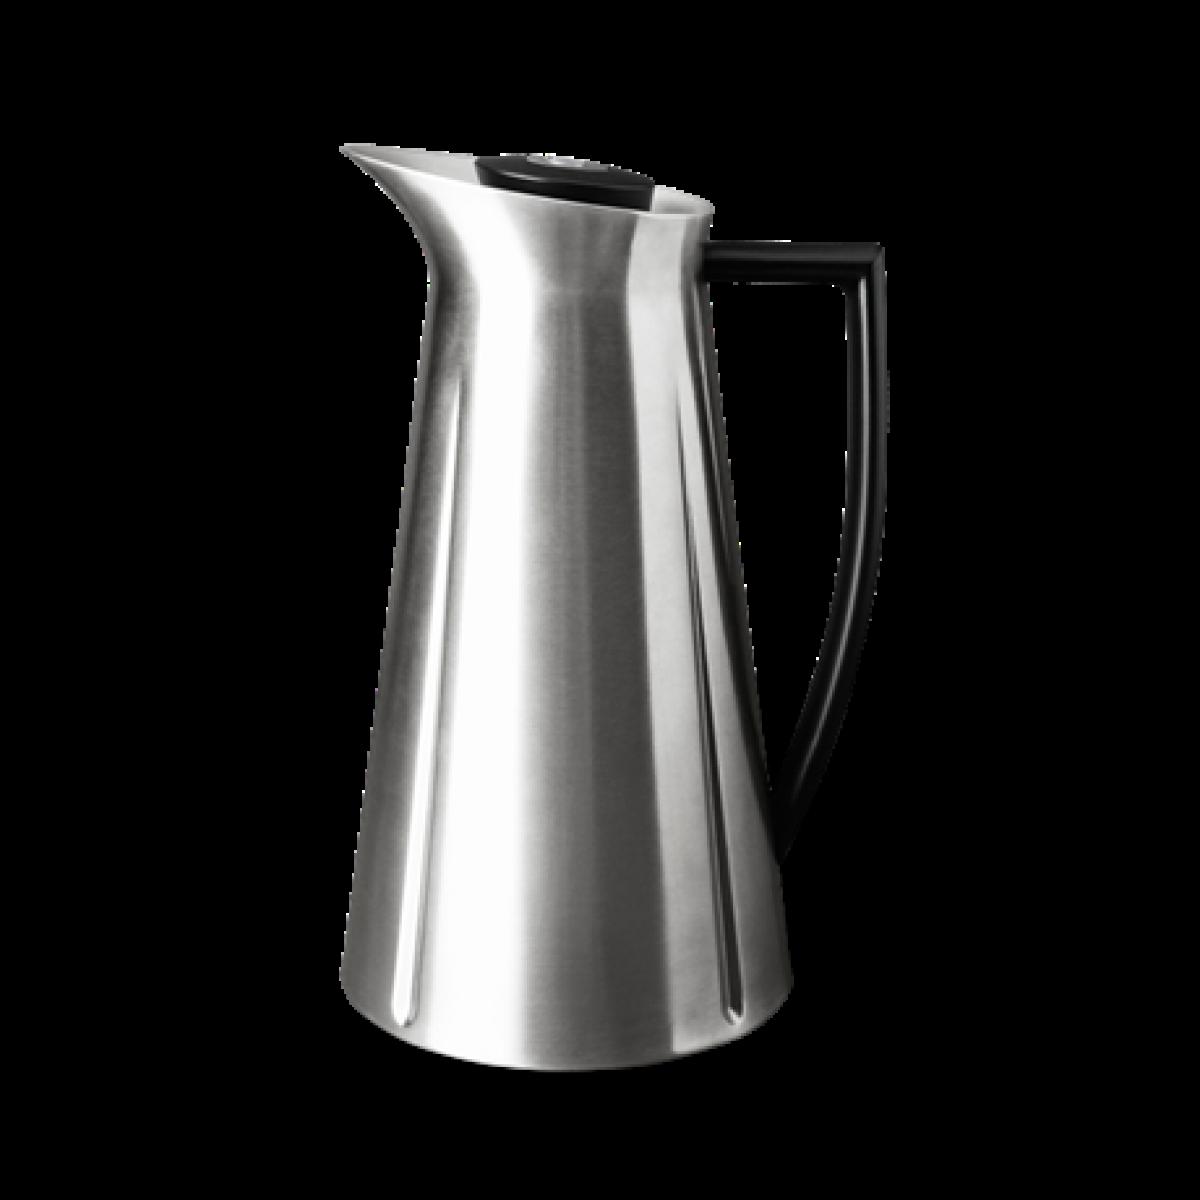 ROSENDAHL Grand Cru termokande rustfrit stål 1,0 ltr.